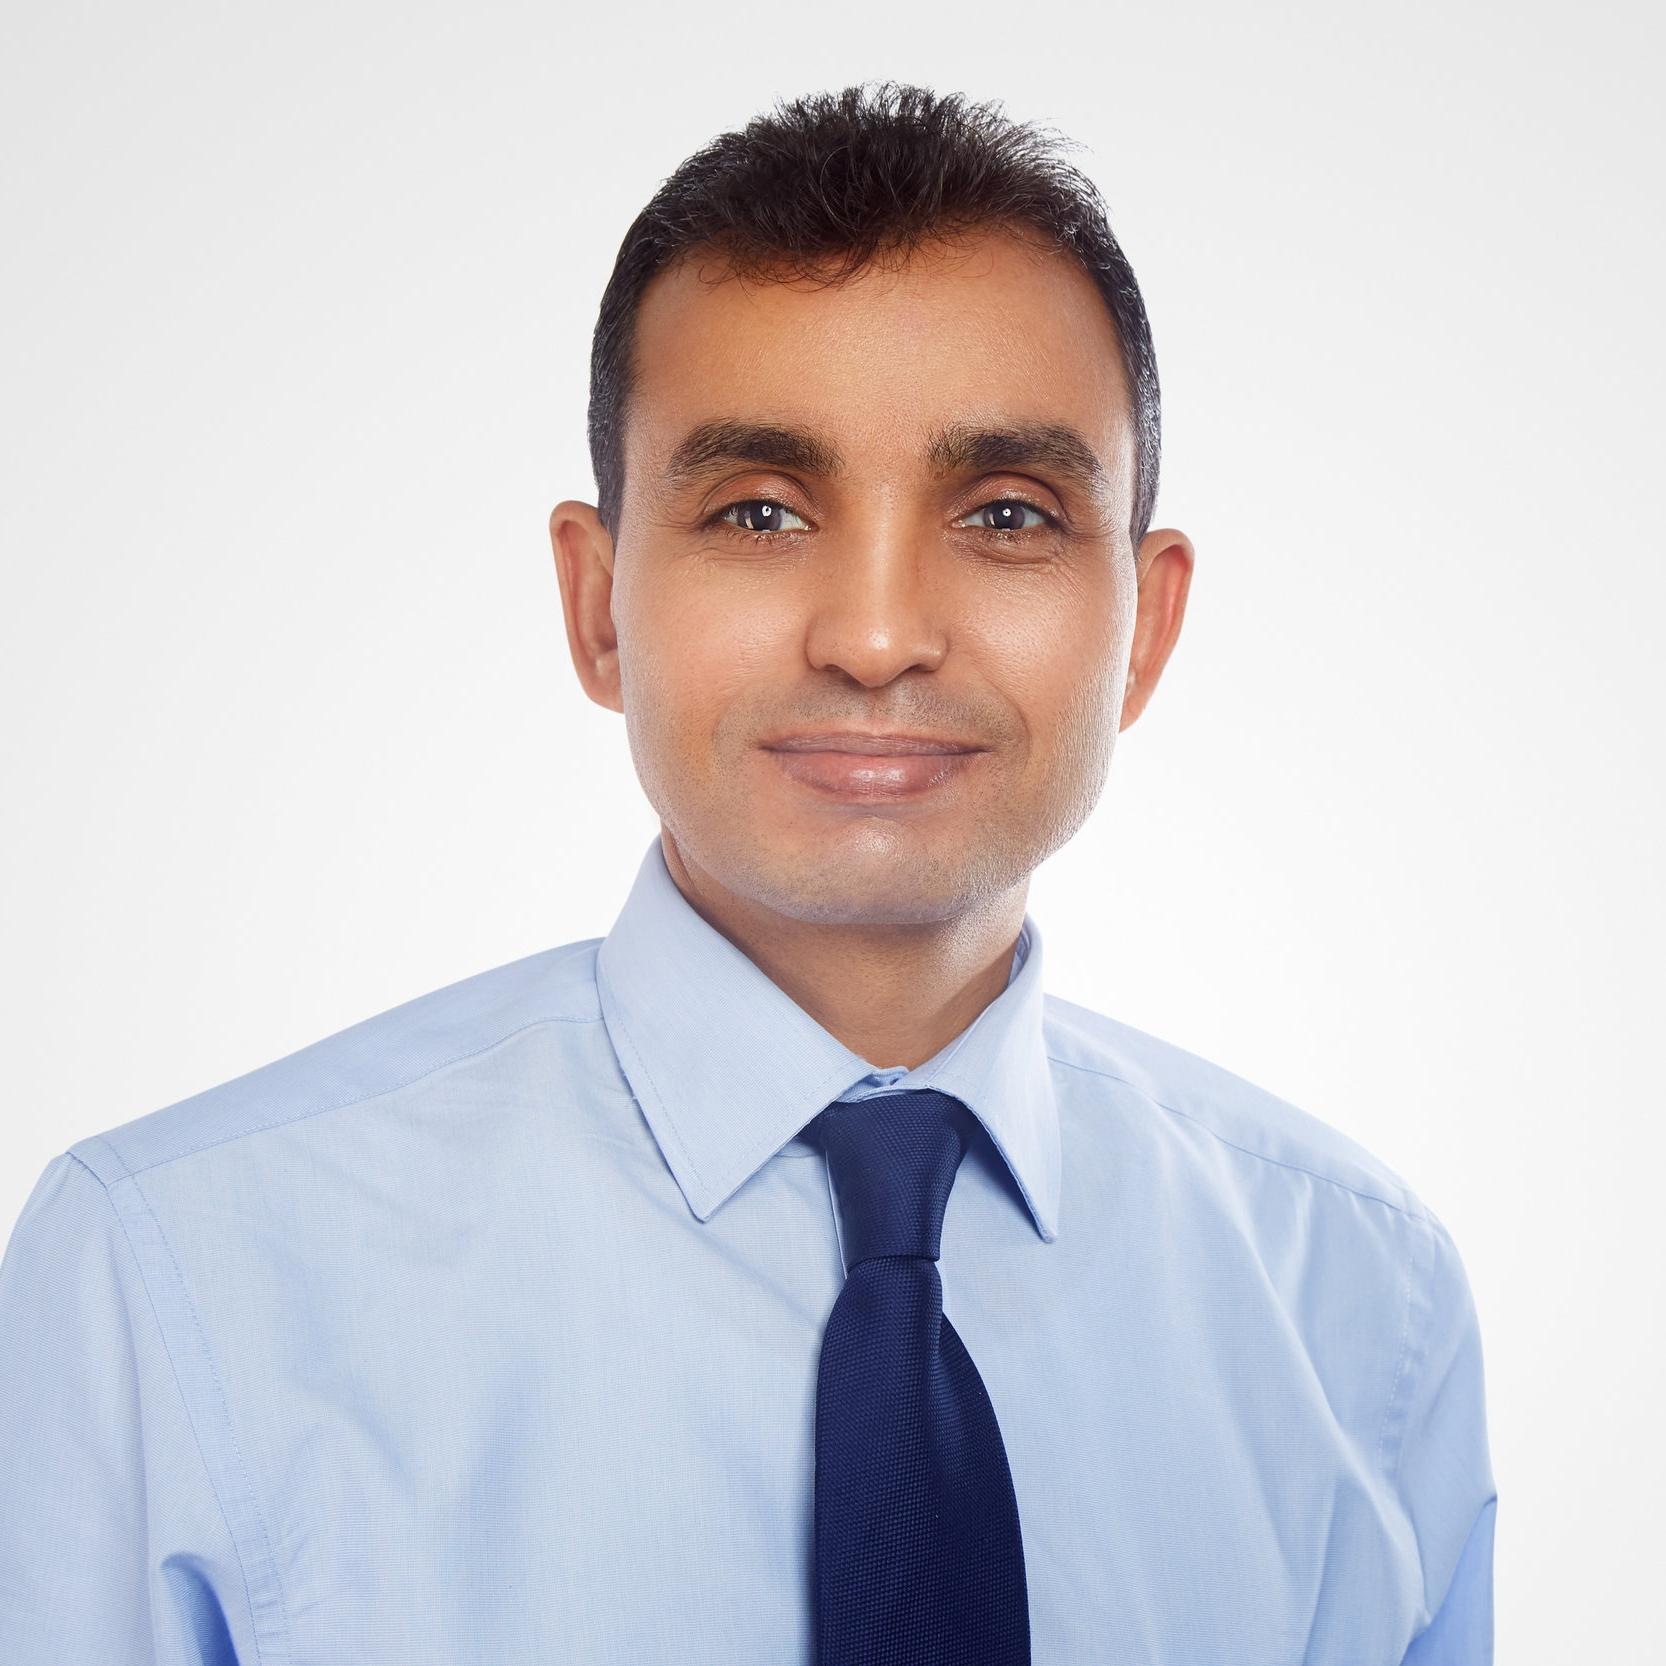 Mr. Baghadadi A. Aziz